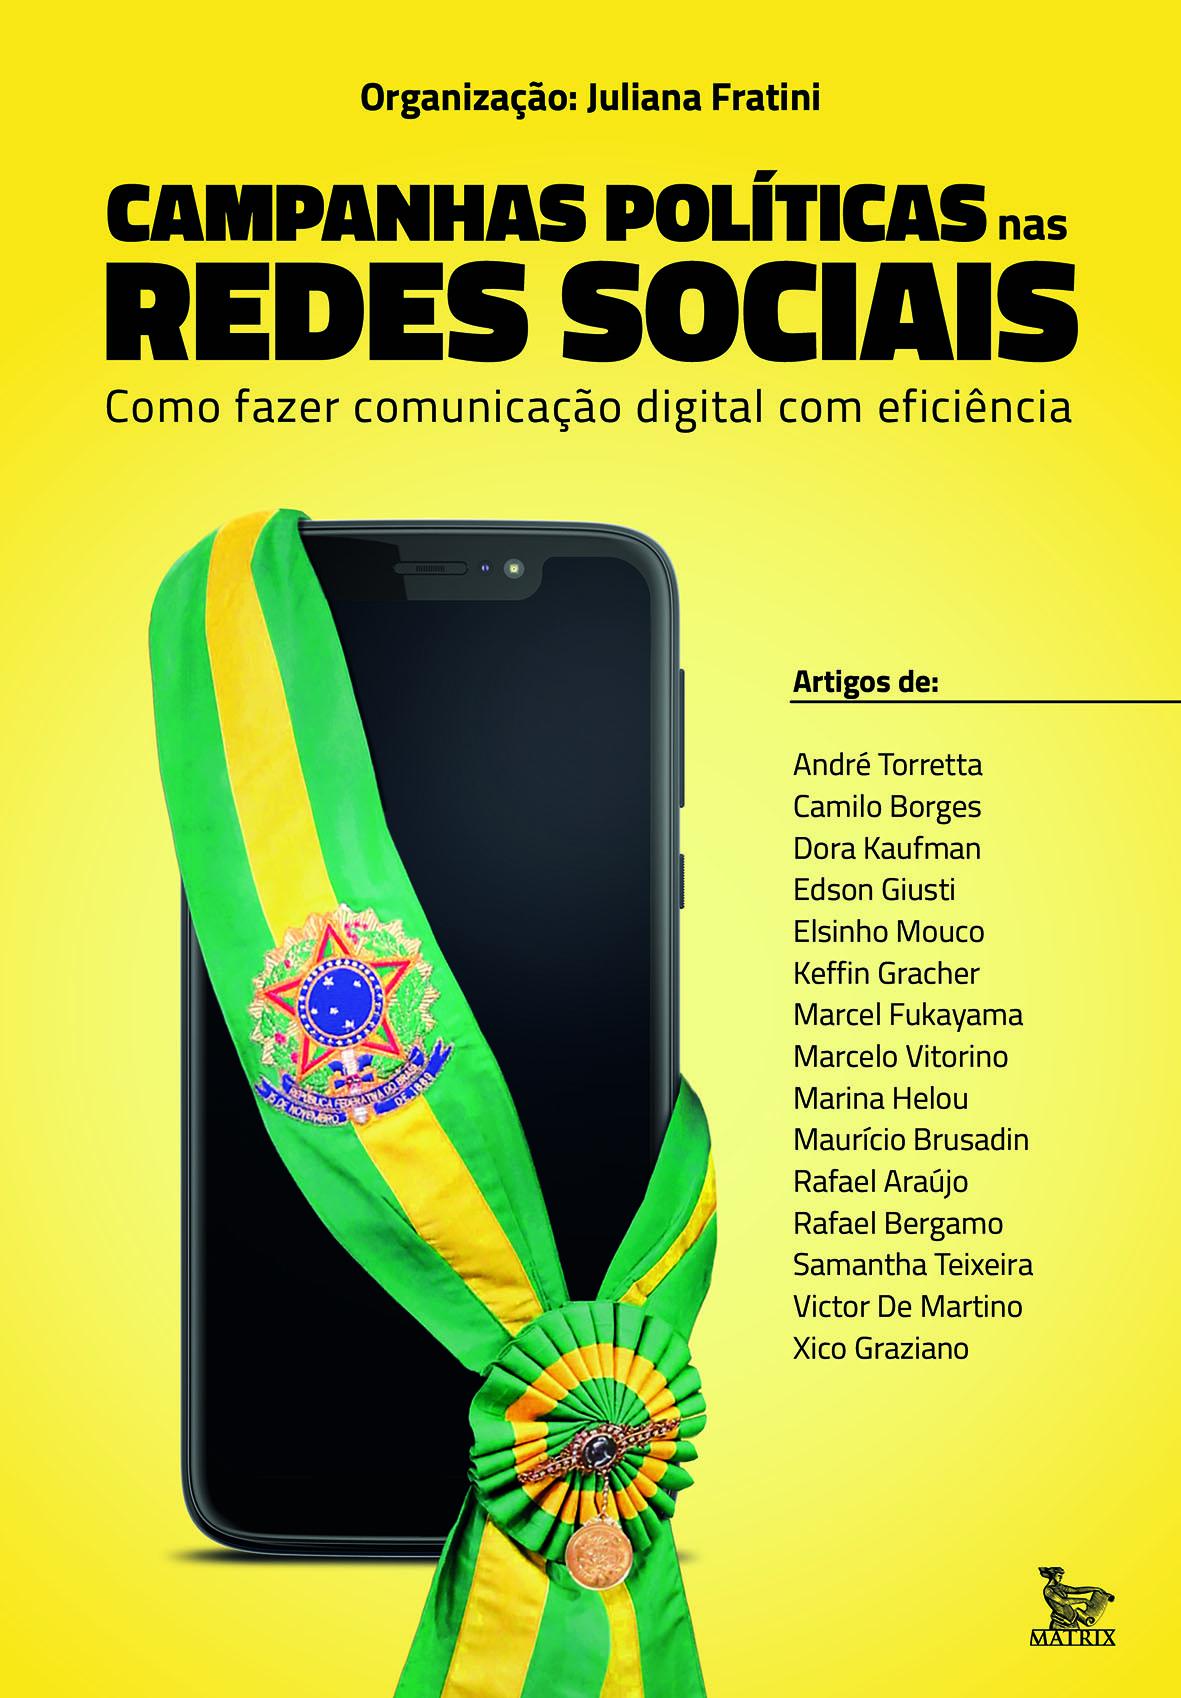 Livro mostra como as redes sociais definem uma campanha política